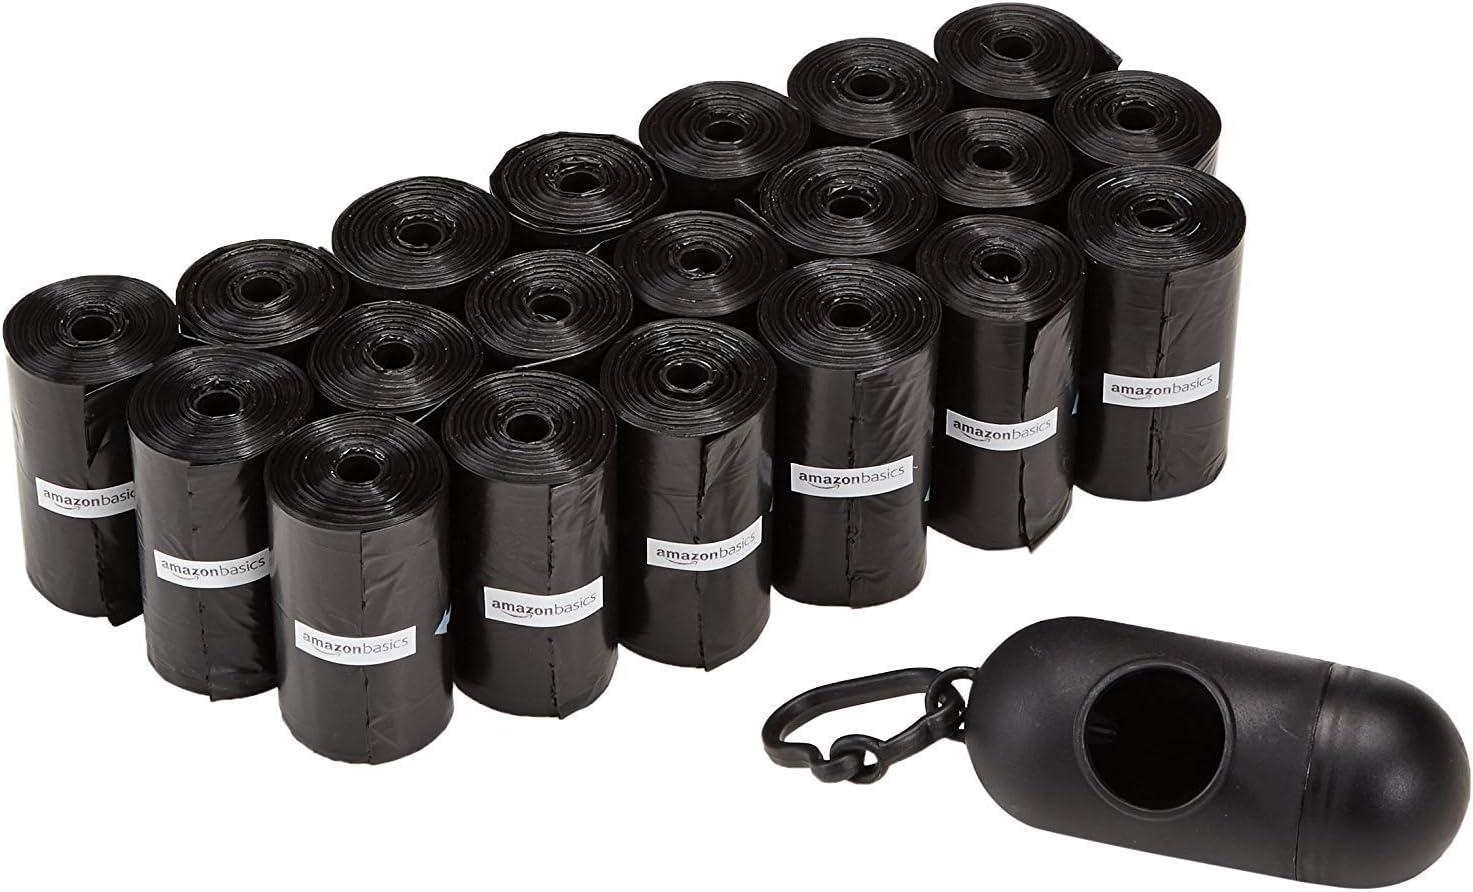 AmazonBasics - Bolsas para excrementos de perro con dispensador y clip para correa (300 bolsas)